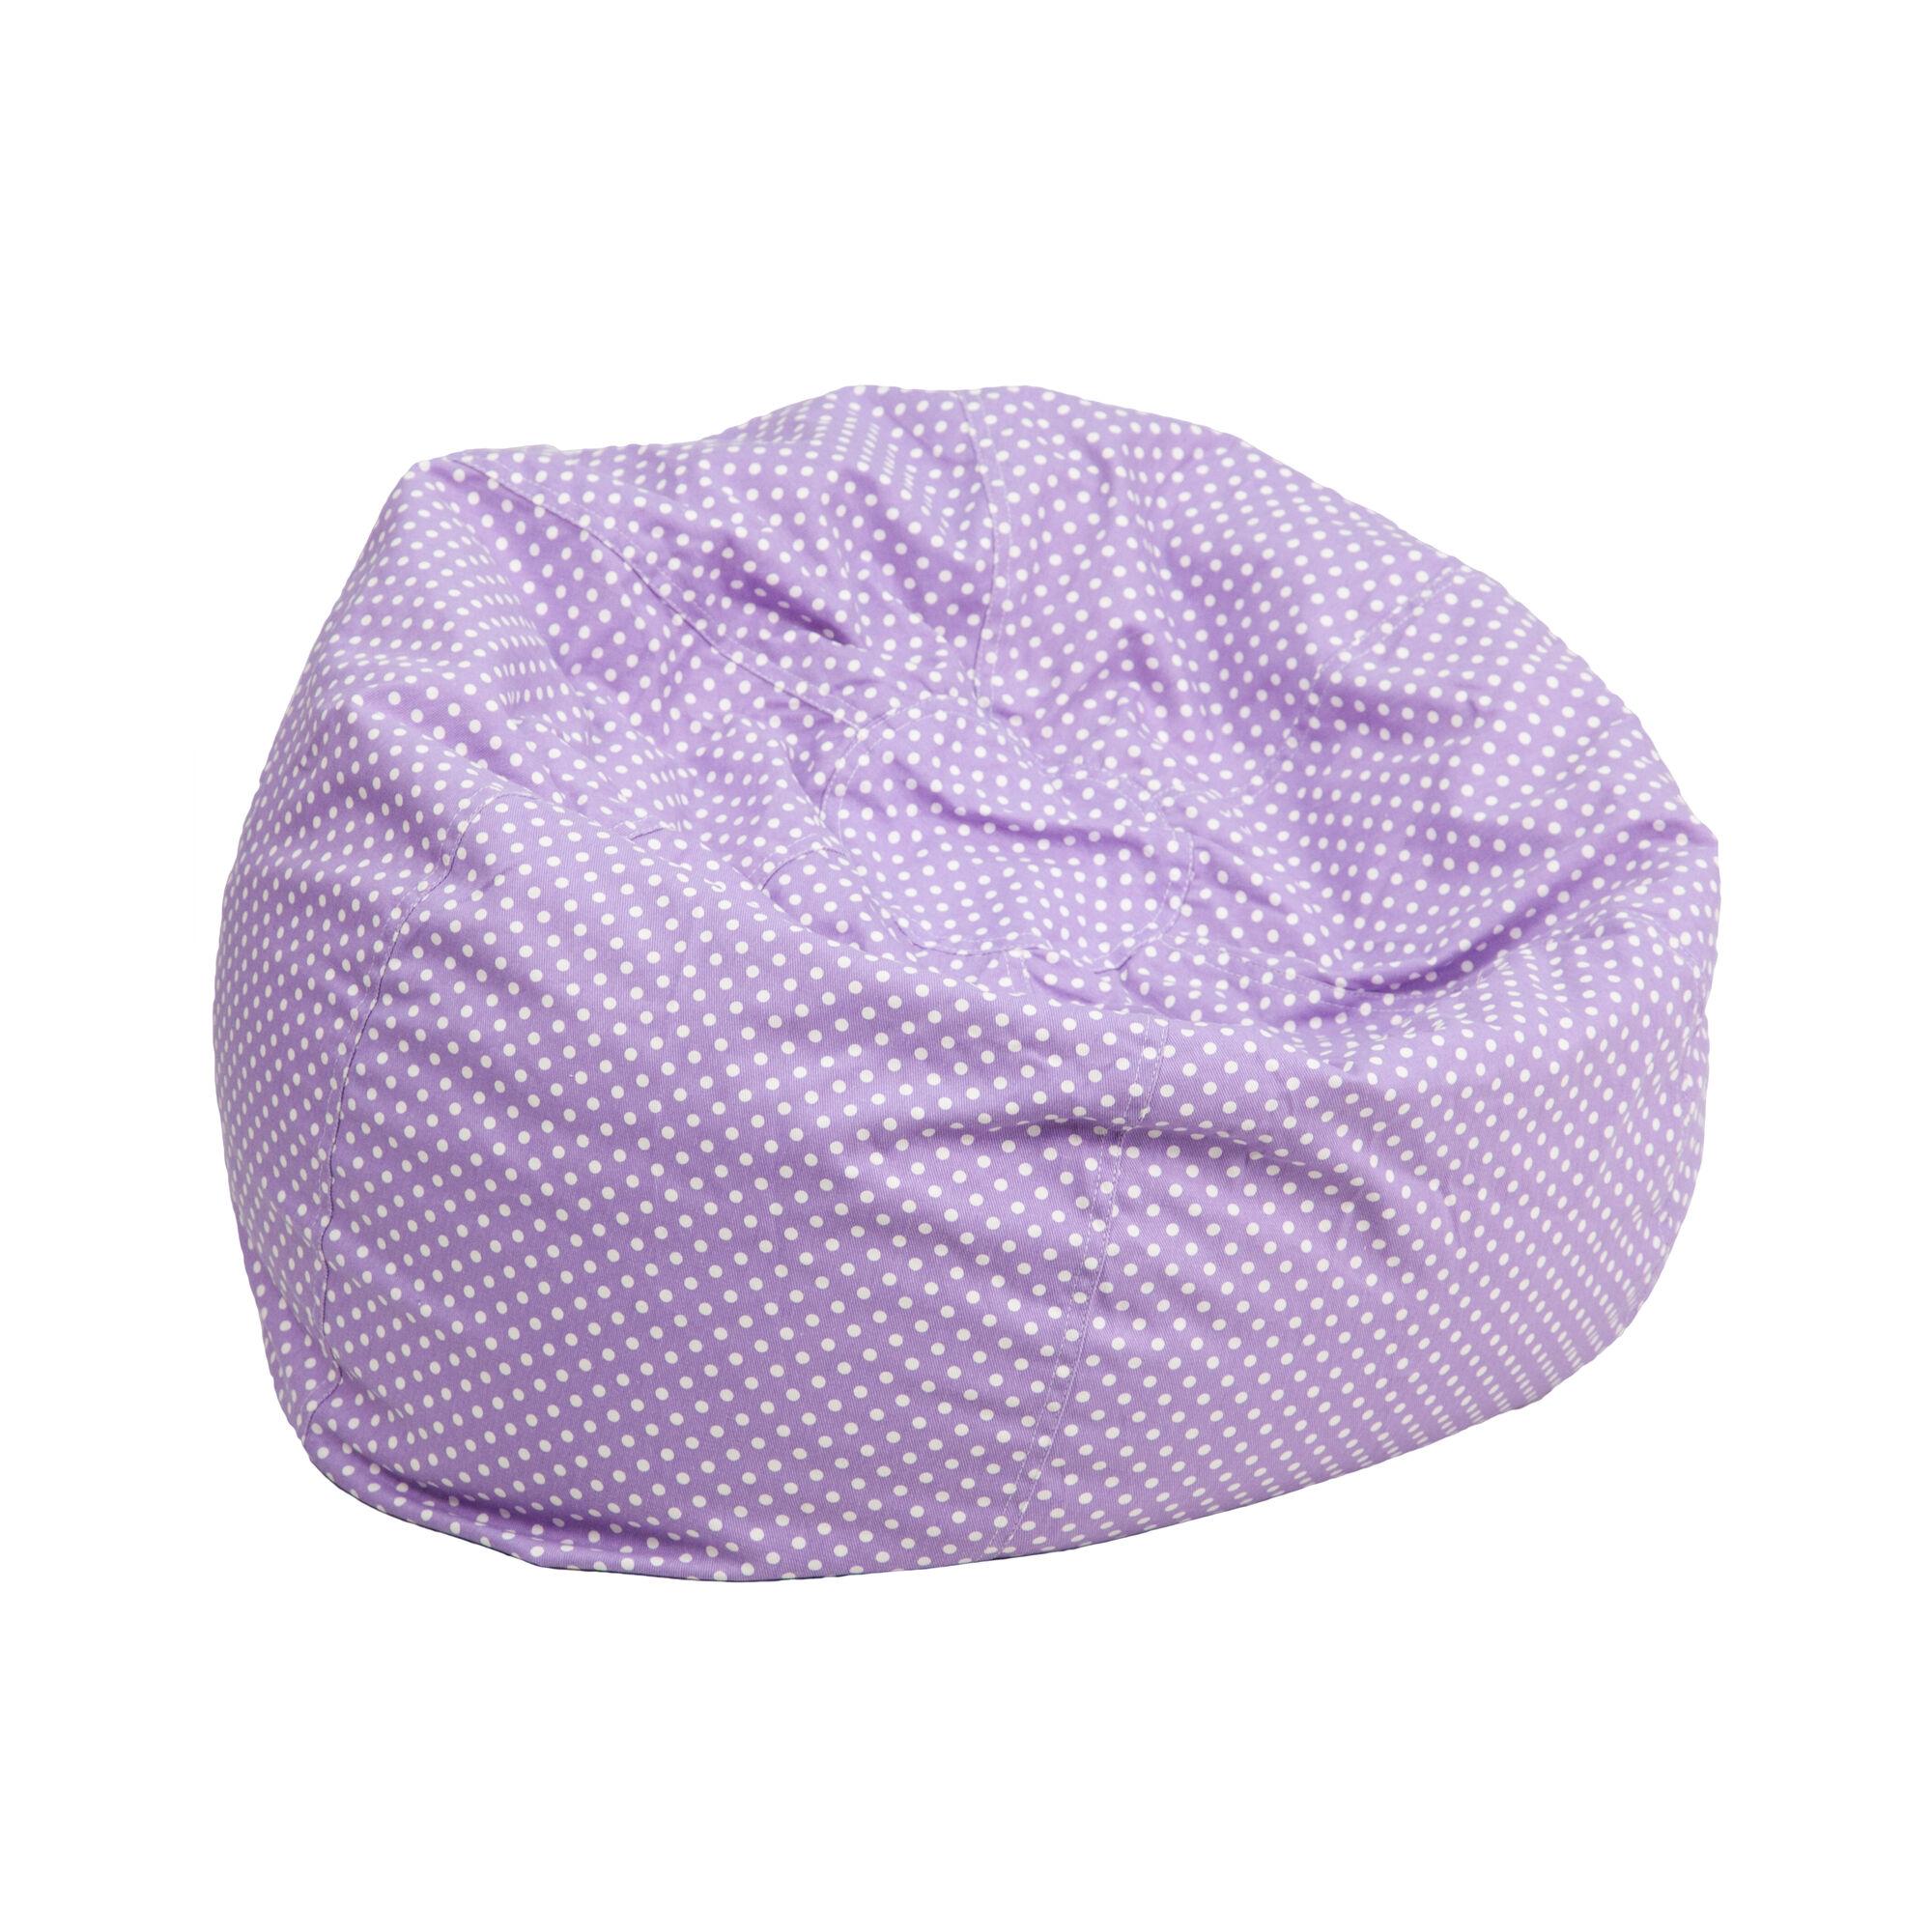 Lavender Dot Bean Bag Chair Dg Bean Small Dot Pur Gg